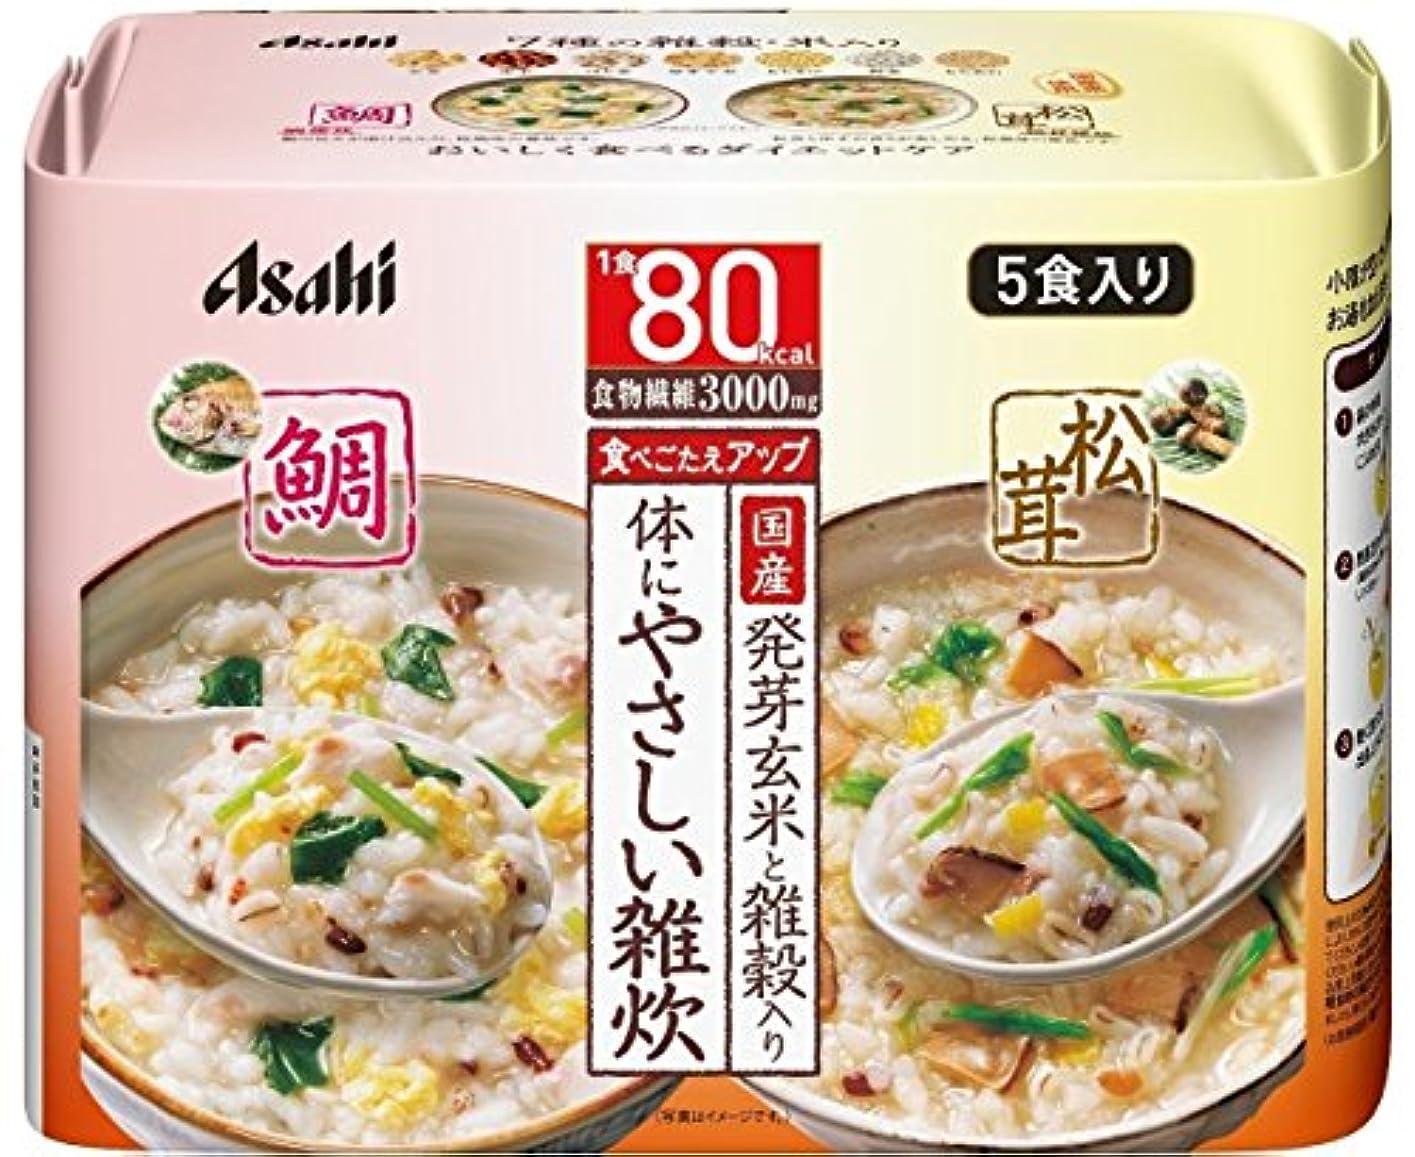 見る人化粧紀元前アサヒグループ食品 リセットボディ 体にやさしい鯛&松茸雑炊 5食